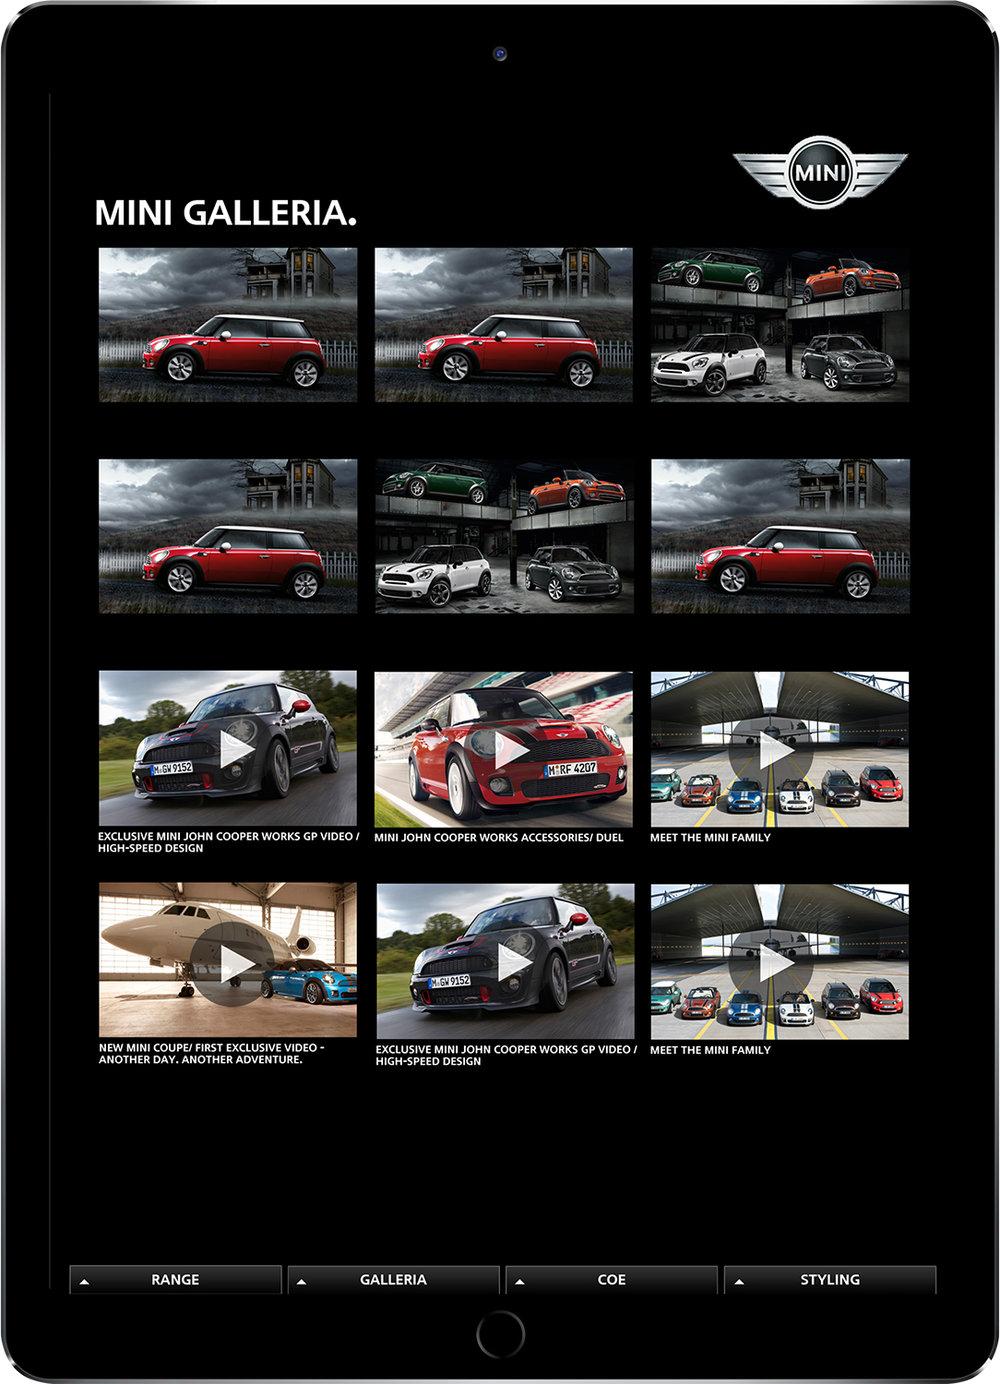 MINI Galleria.jpg